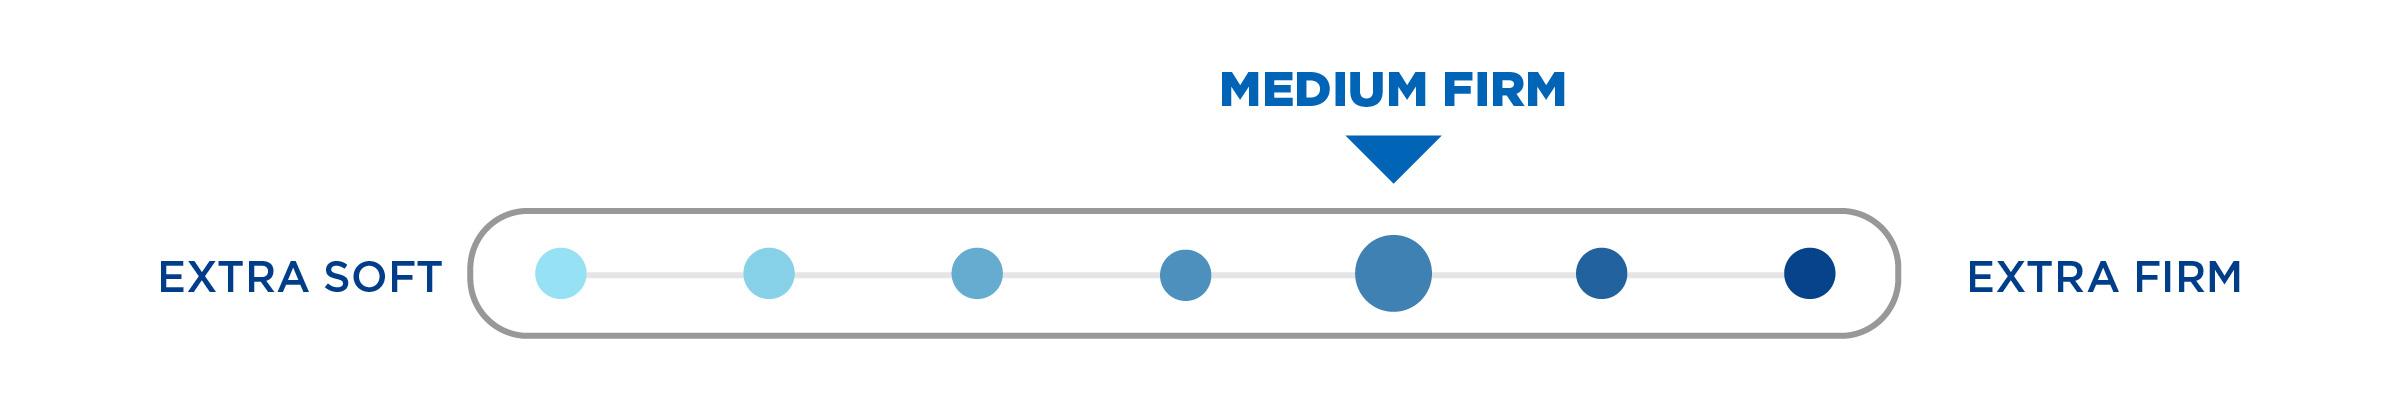 devon medium firm mattress comfort scale